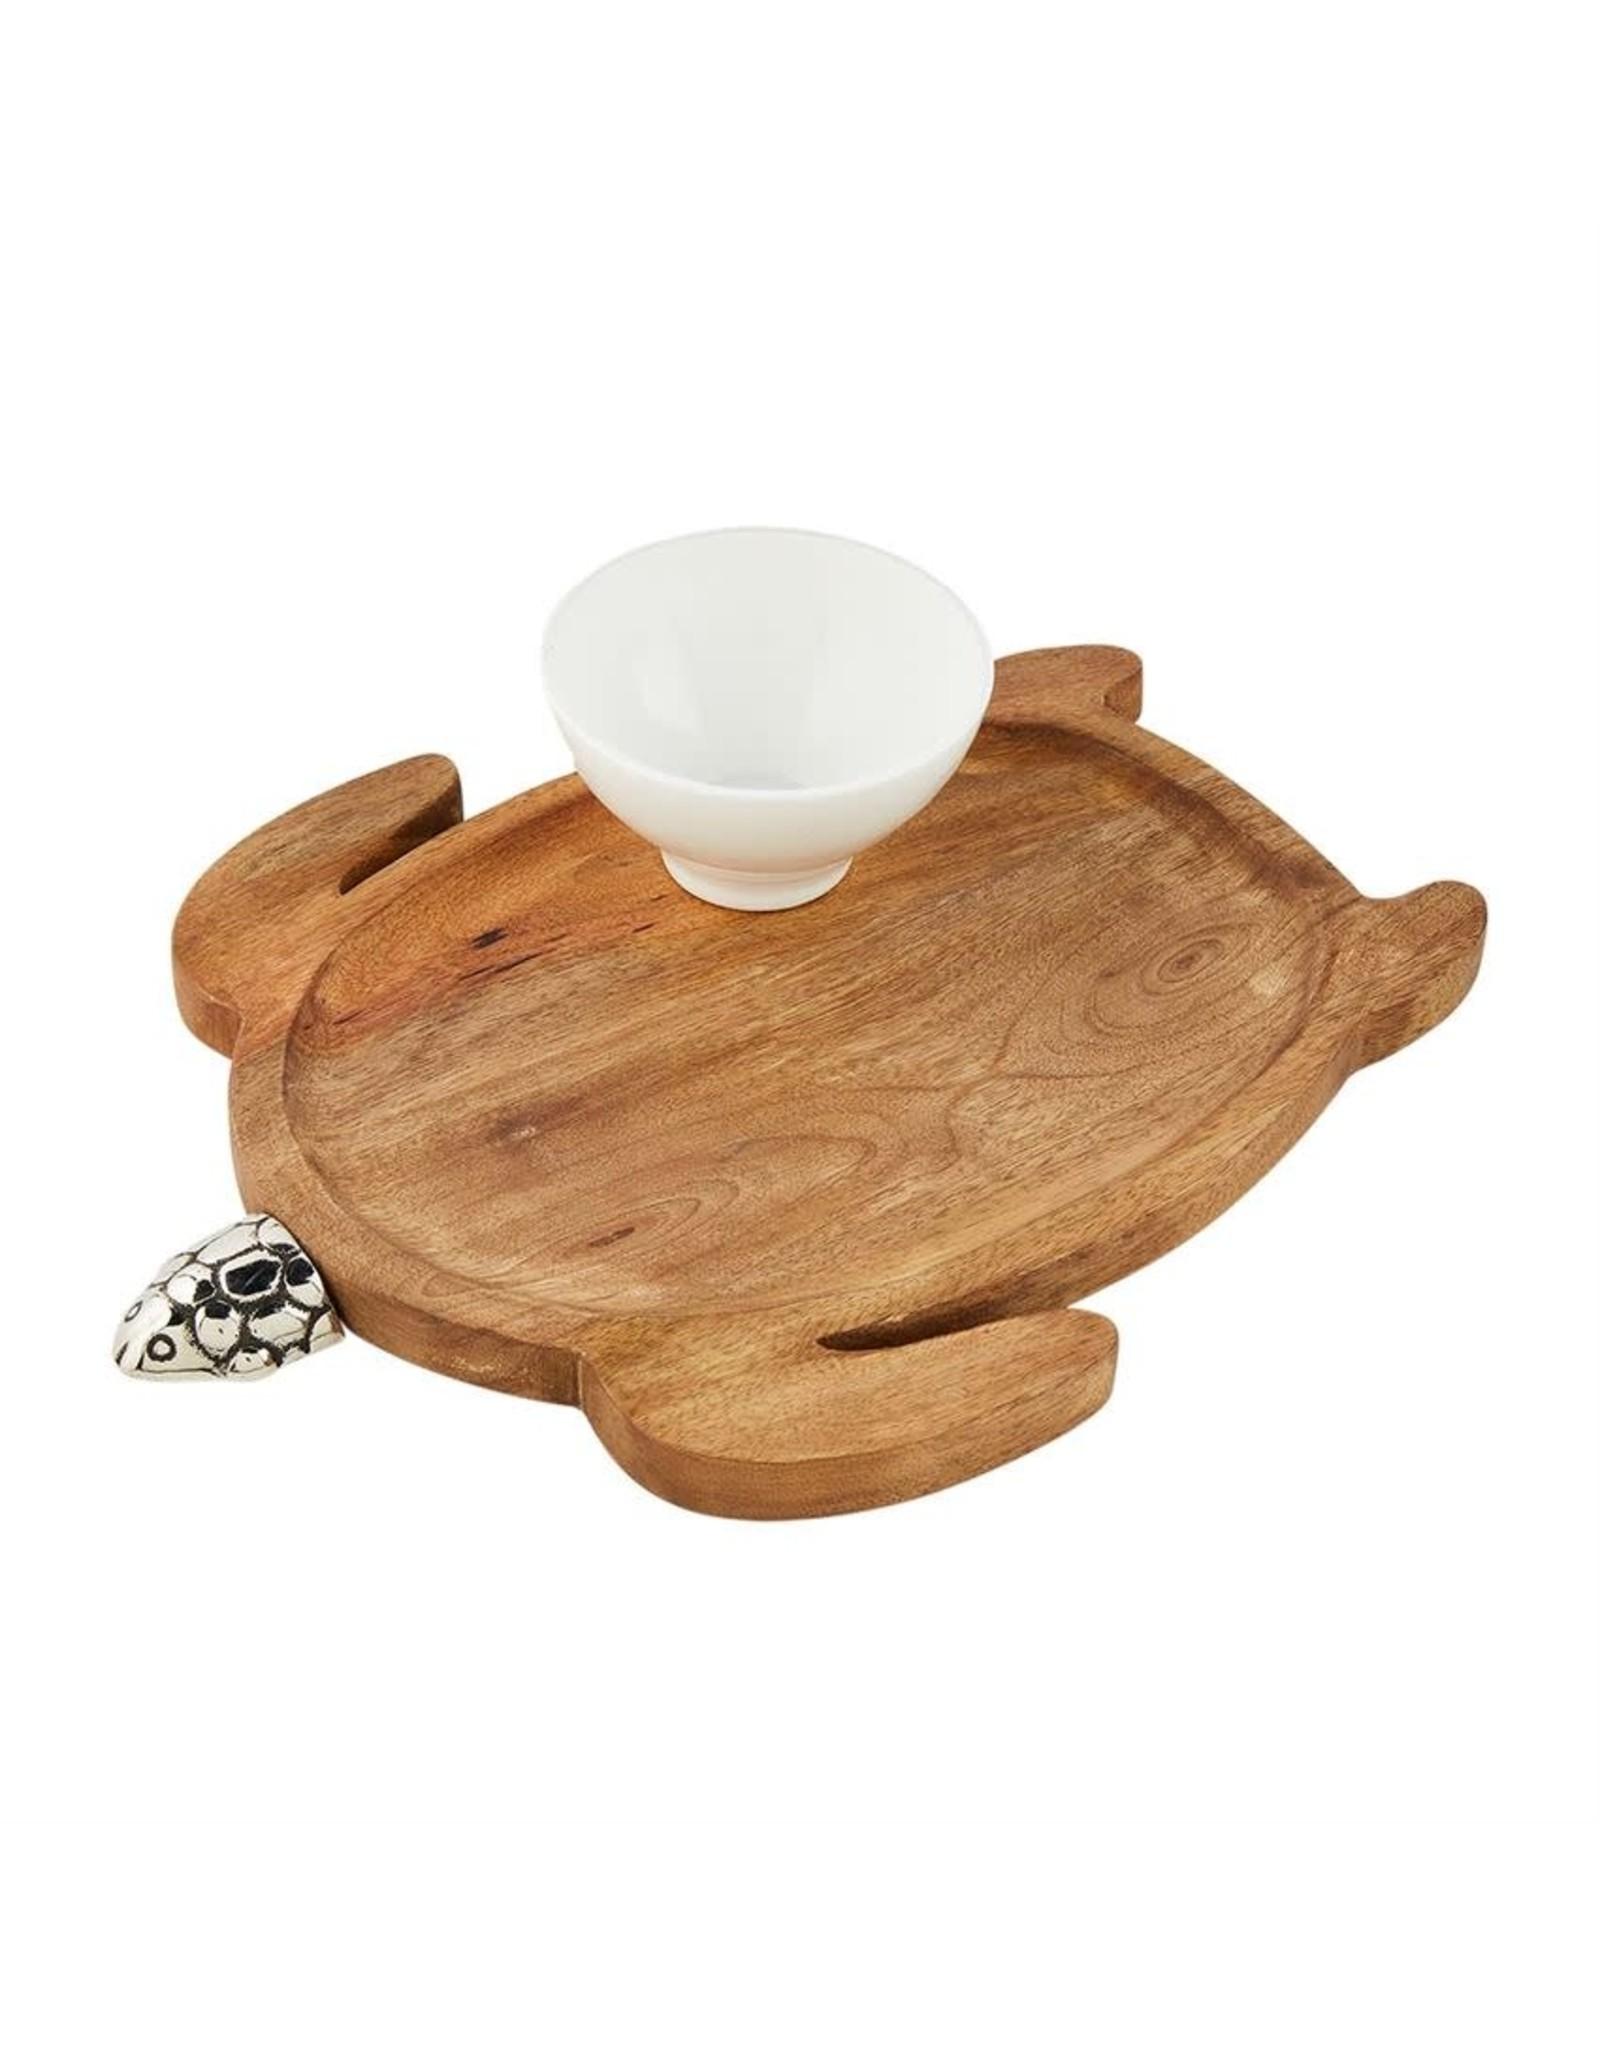 Turtle Tray & Dip Set